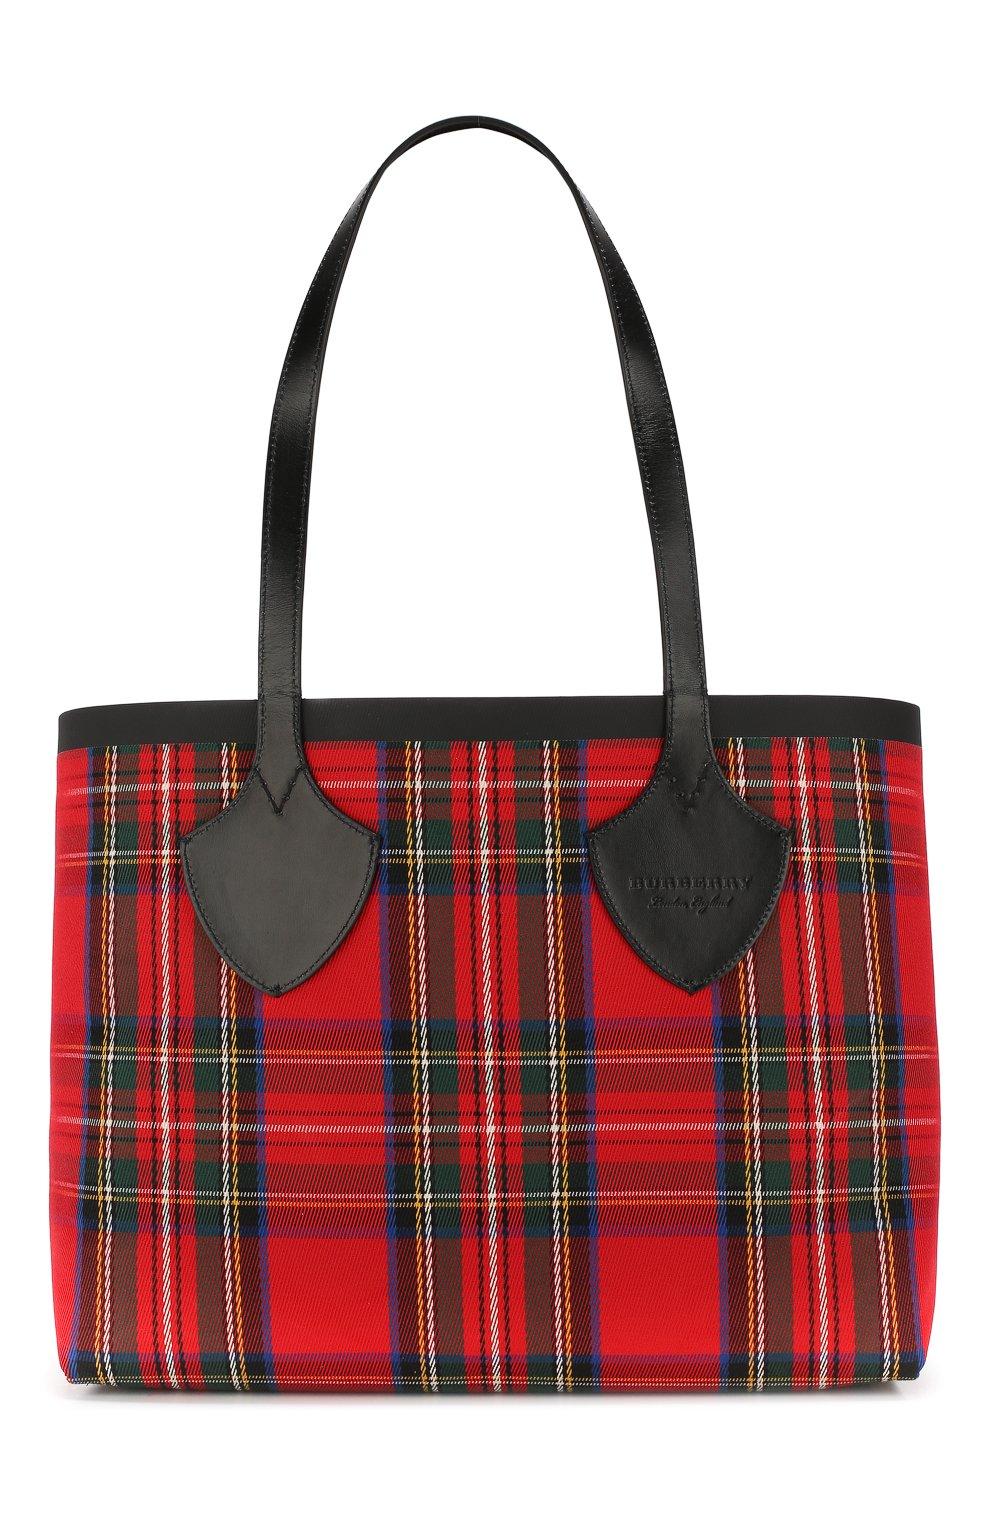 57a7012784fd Женская сумка-тоут giant BURBERRY бежевого цвета — купить за 72800 ...